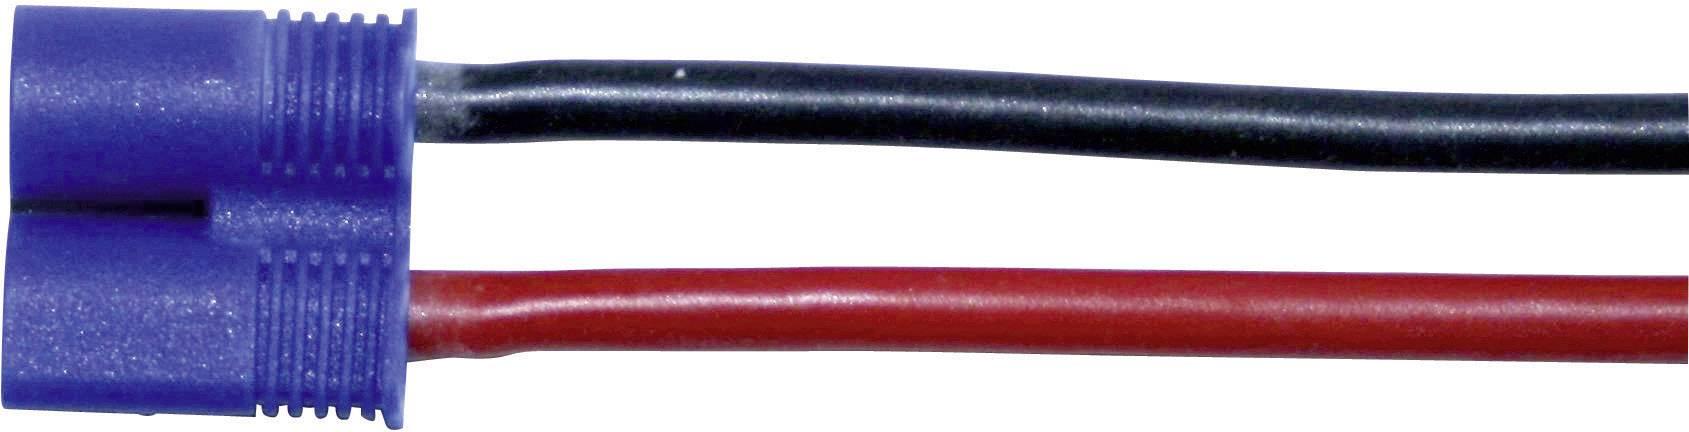 Napájecí kabel Modelcraft, EC3 zástrčka/zástrčka, 300 mm, 1,5 mm²